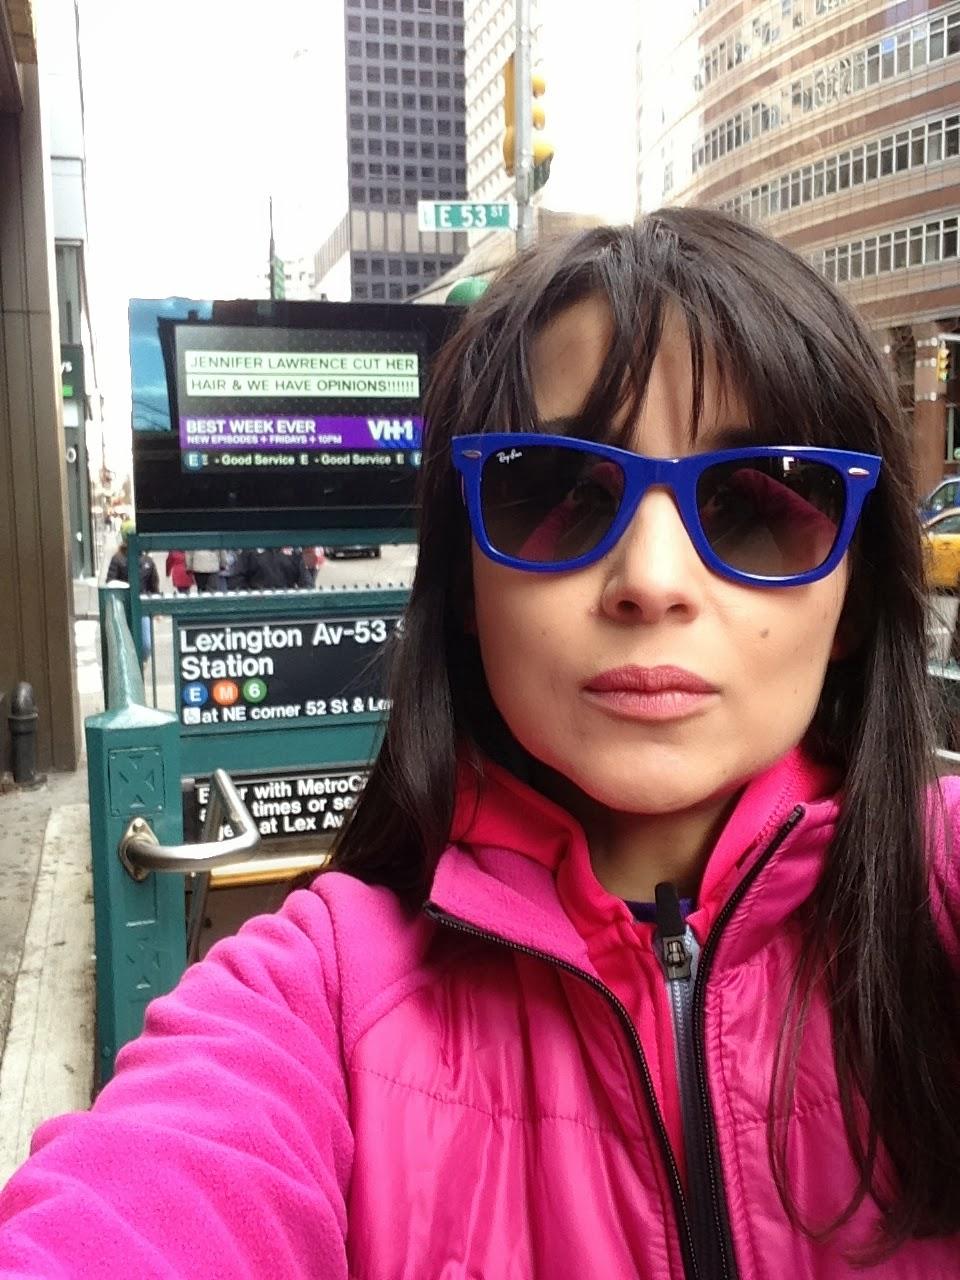 acf57fe912 Con mis Ray-Ban en New York ahora en Noviembre 2013